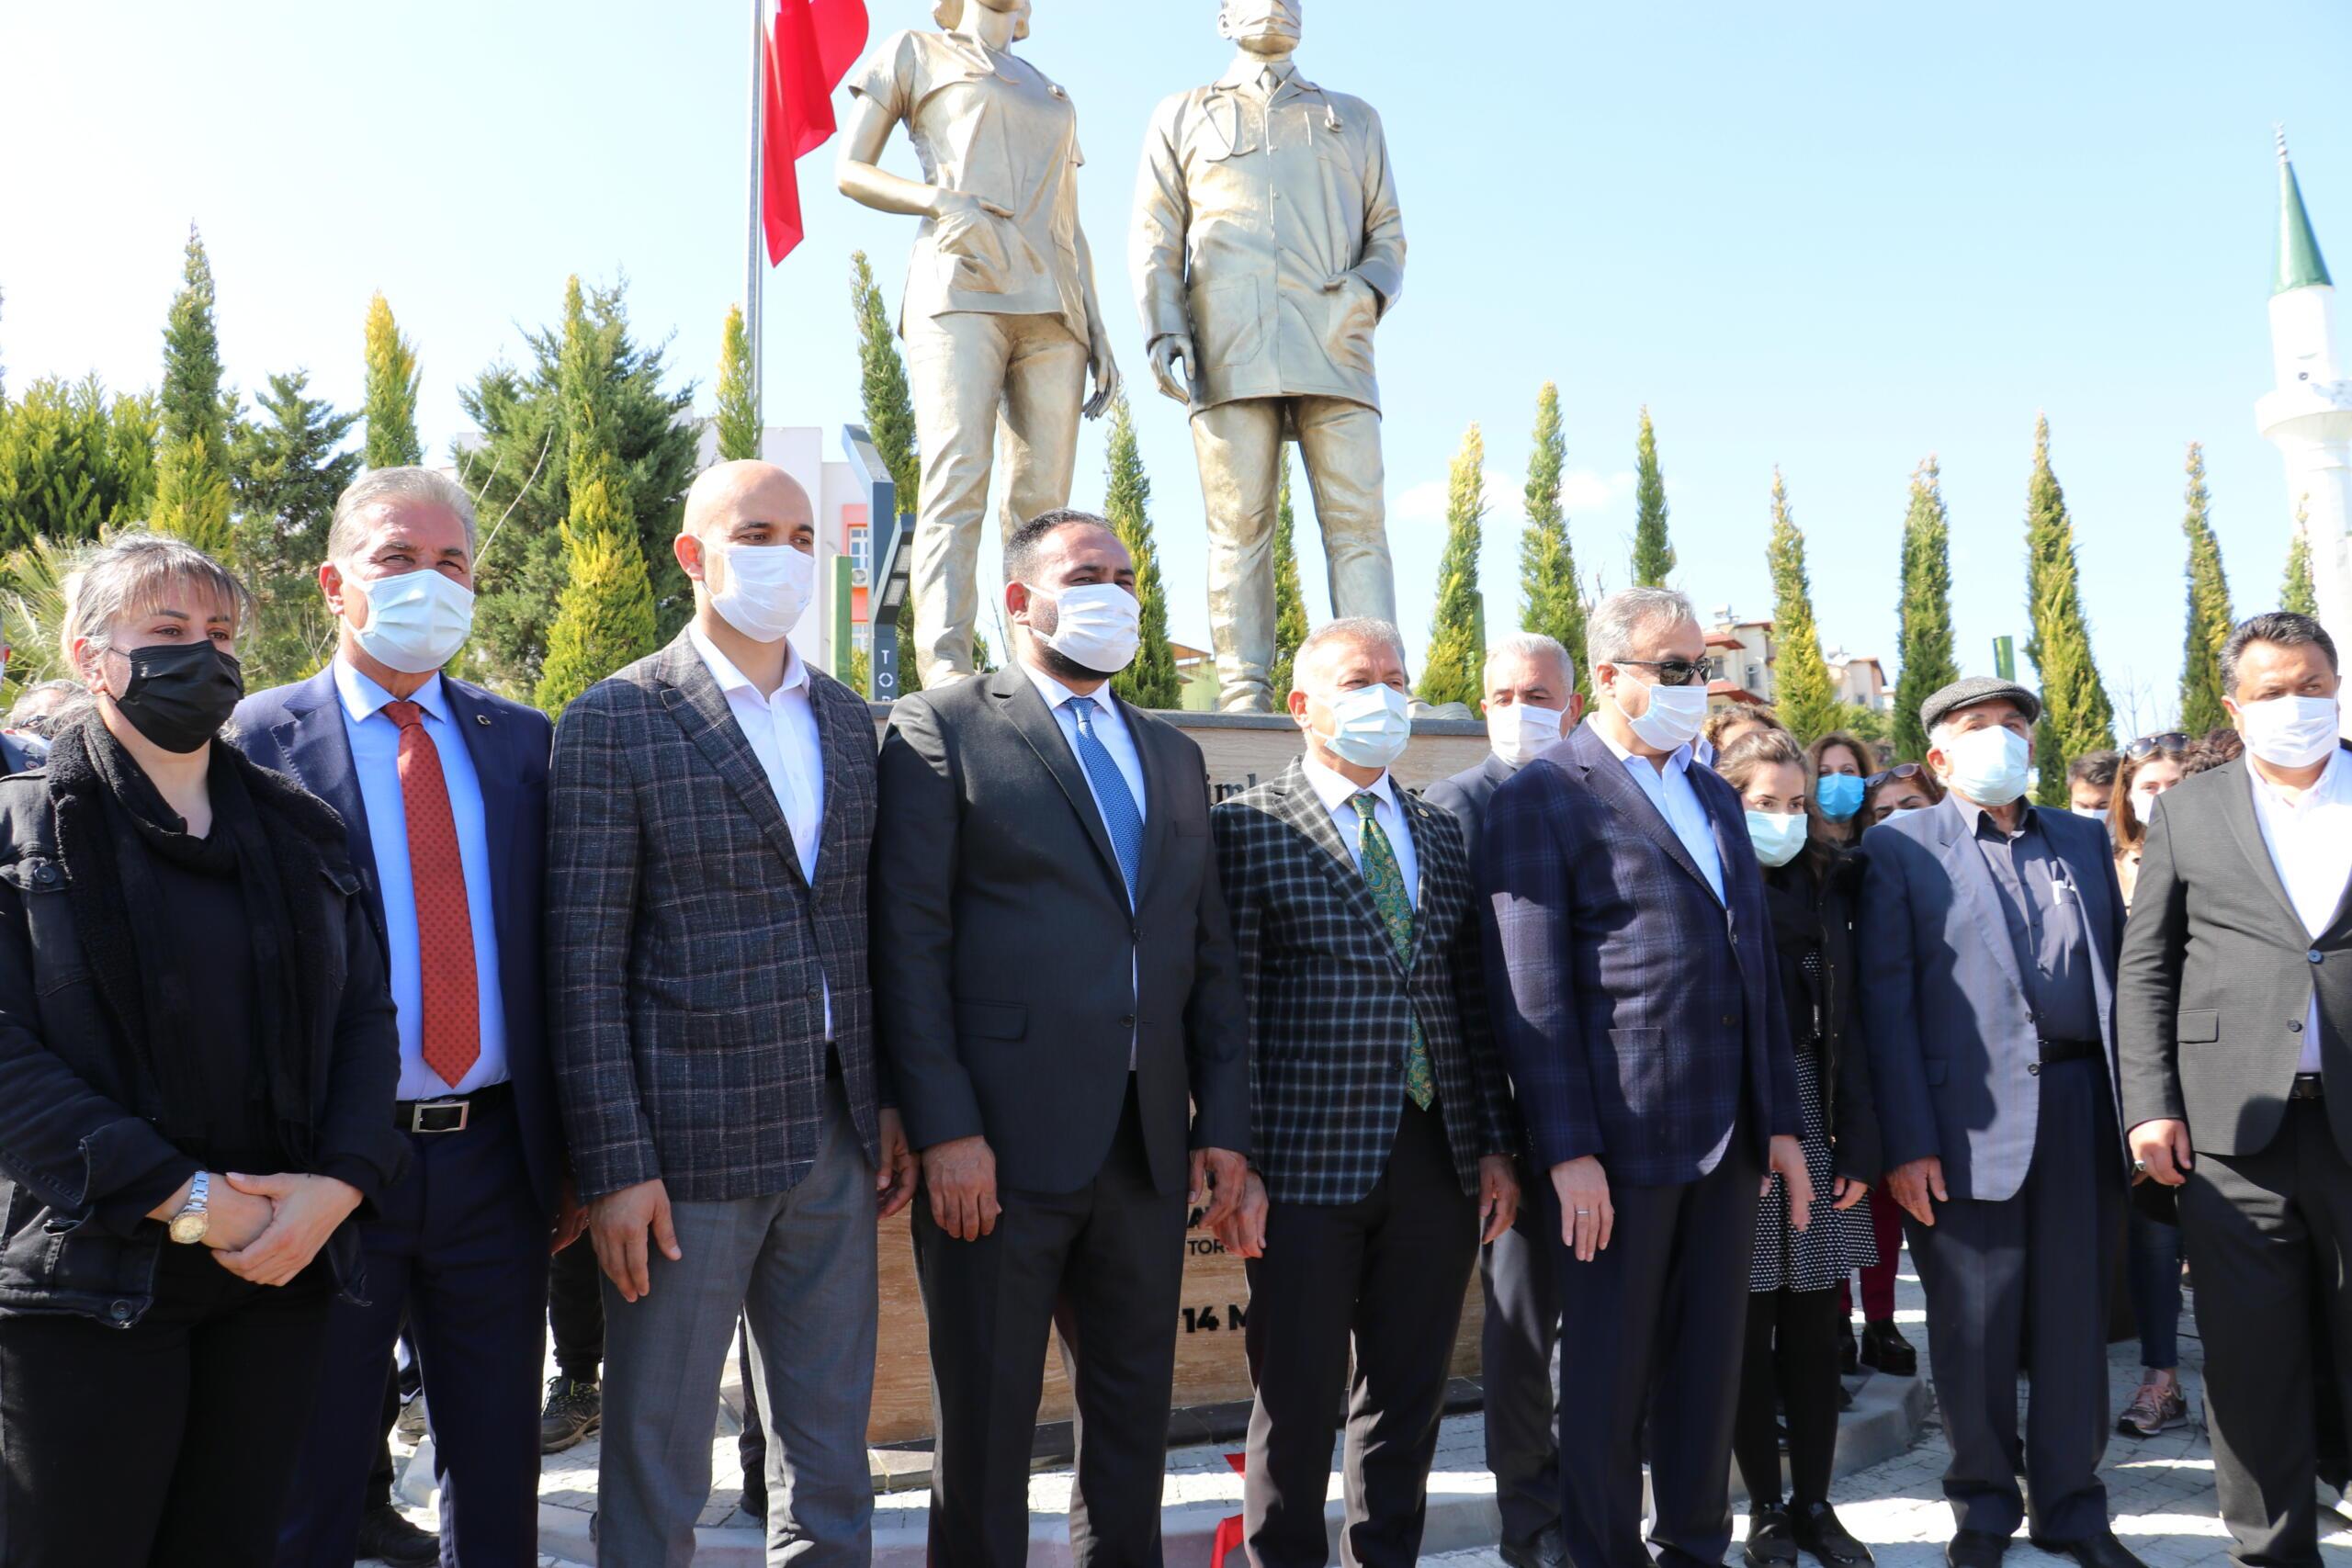 PANDEMİ KAHRAMANLARININ ADI TOROSLAR'DA YAŞAYACAK